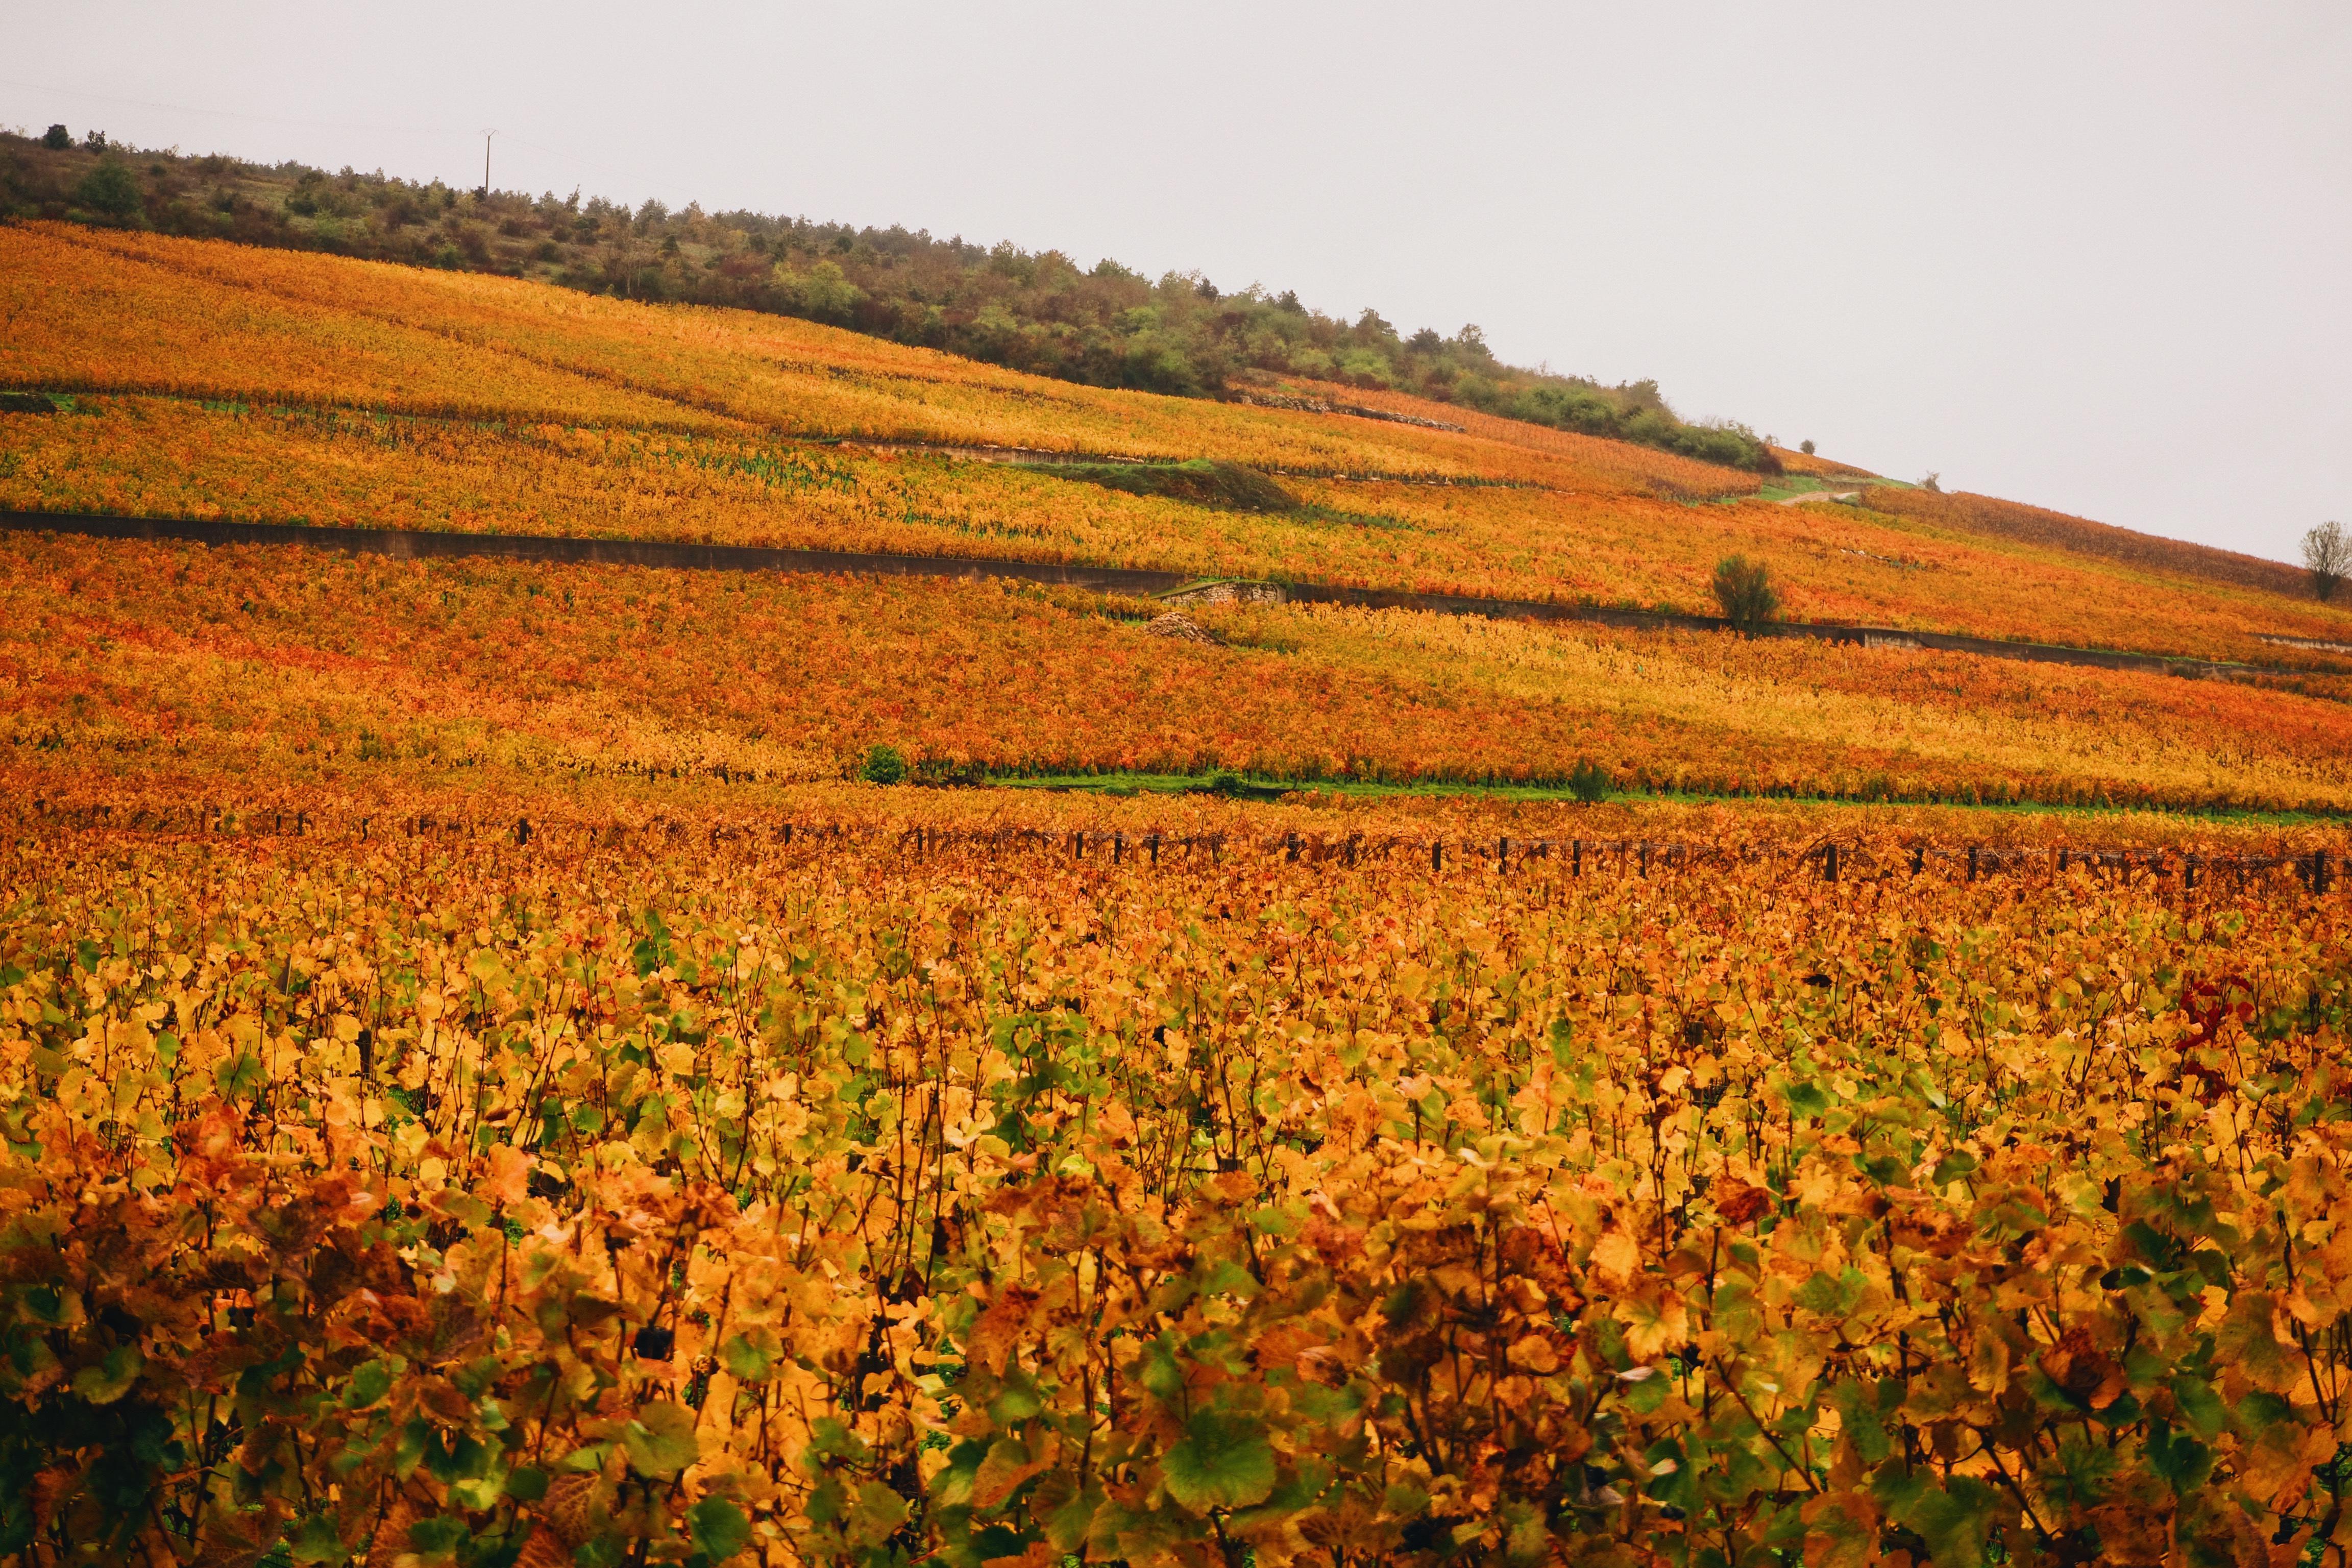 bourgogne, week-end bourguignon, excapade bourguignonne, route des vins, vignes, automne